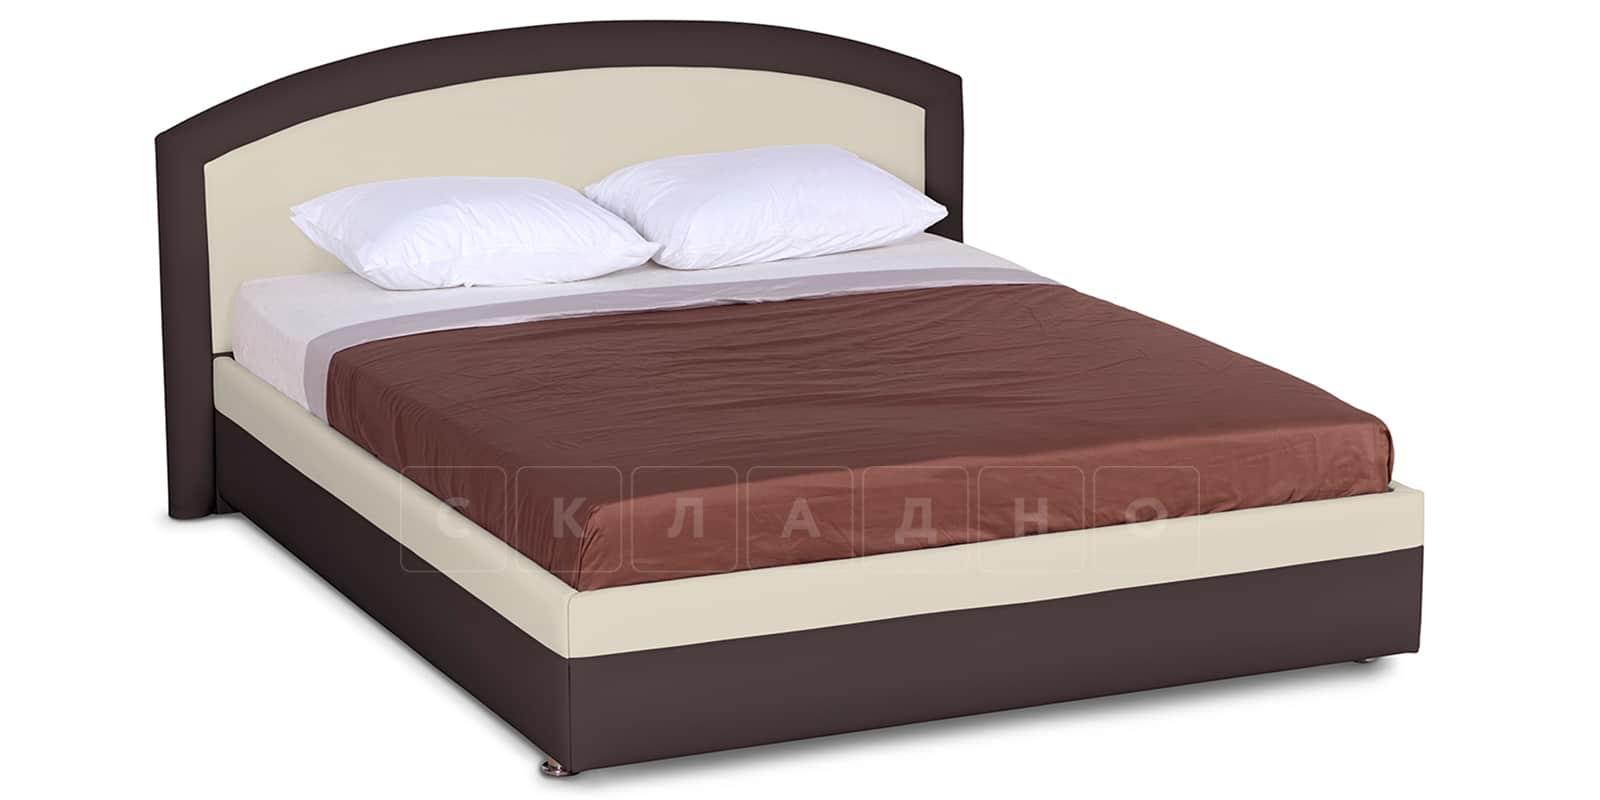 Мягкая кровать Малибу 160см экокожа бежевый-шоколад вариант 8-2 фото 1   интернет-магазин Складно